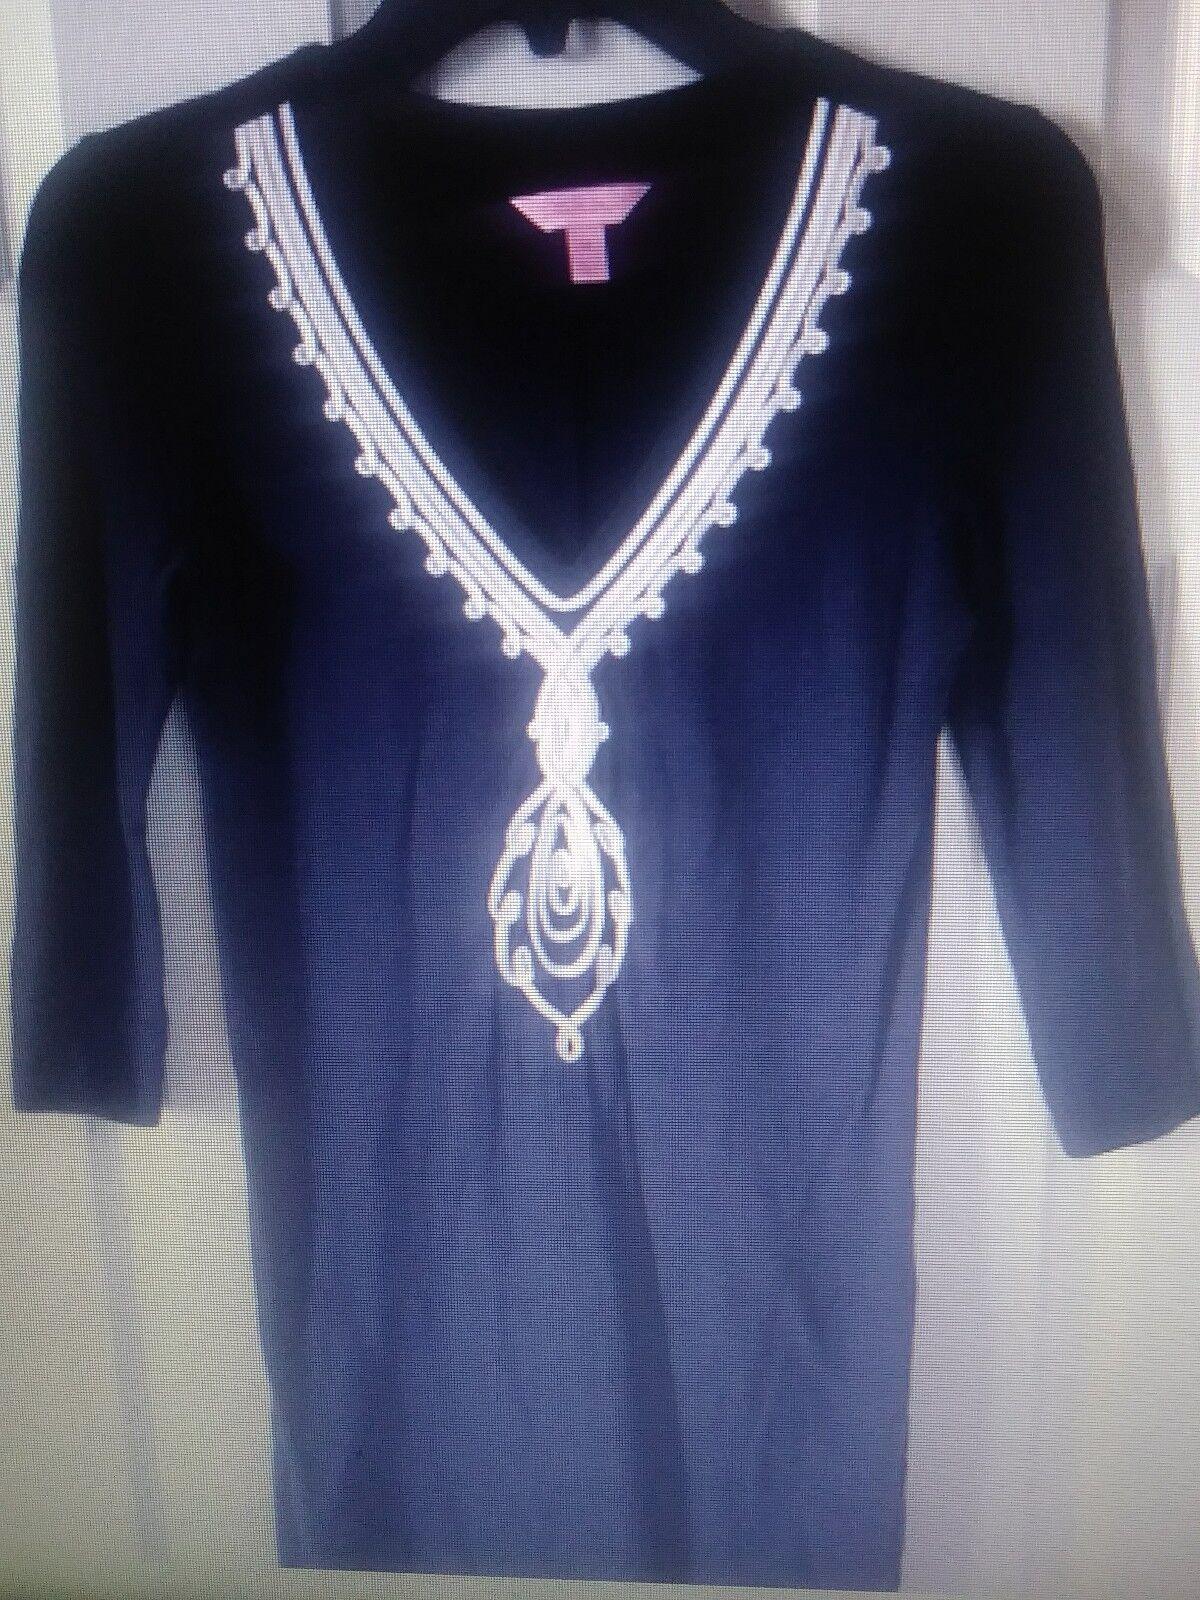 Lilly Pulitzer Clarkson Kleid Weiß Bestickt Marineblau Größe Xs